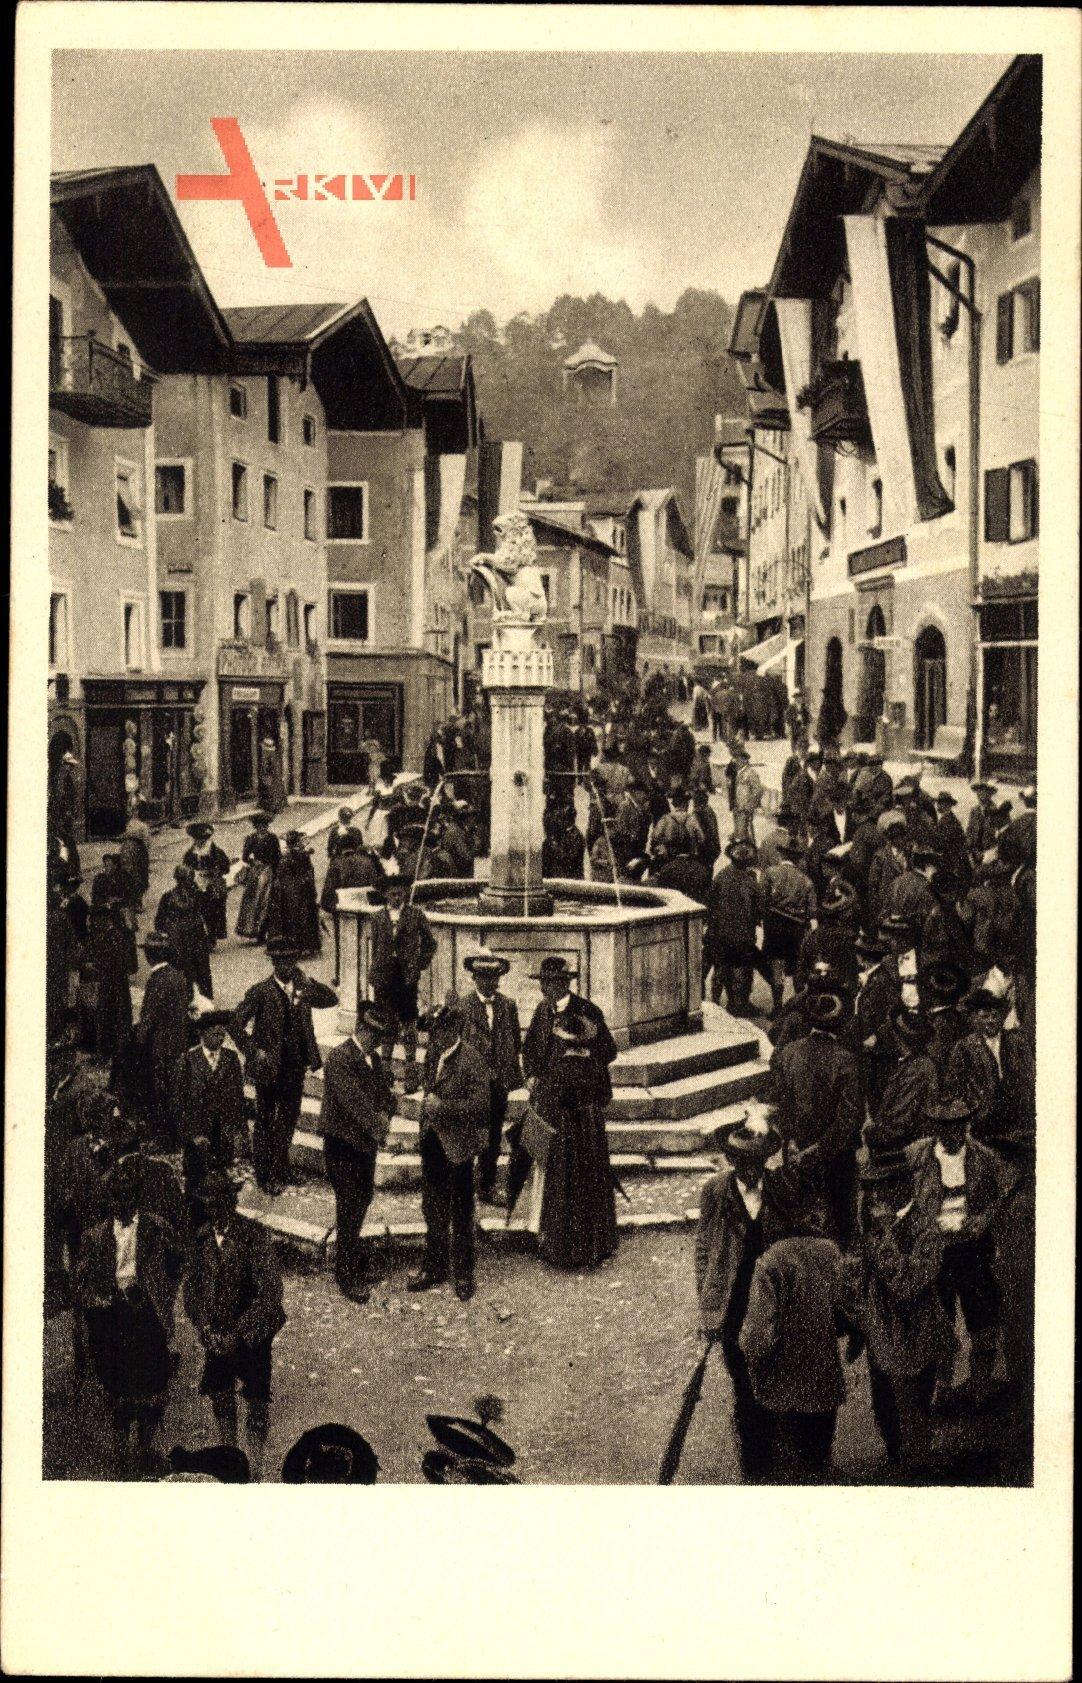 Berchtesgaden in Oberbayern, Blick auf den Marktplatz, Brunnen